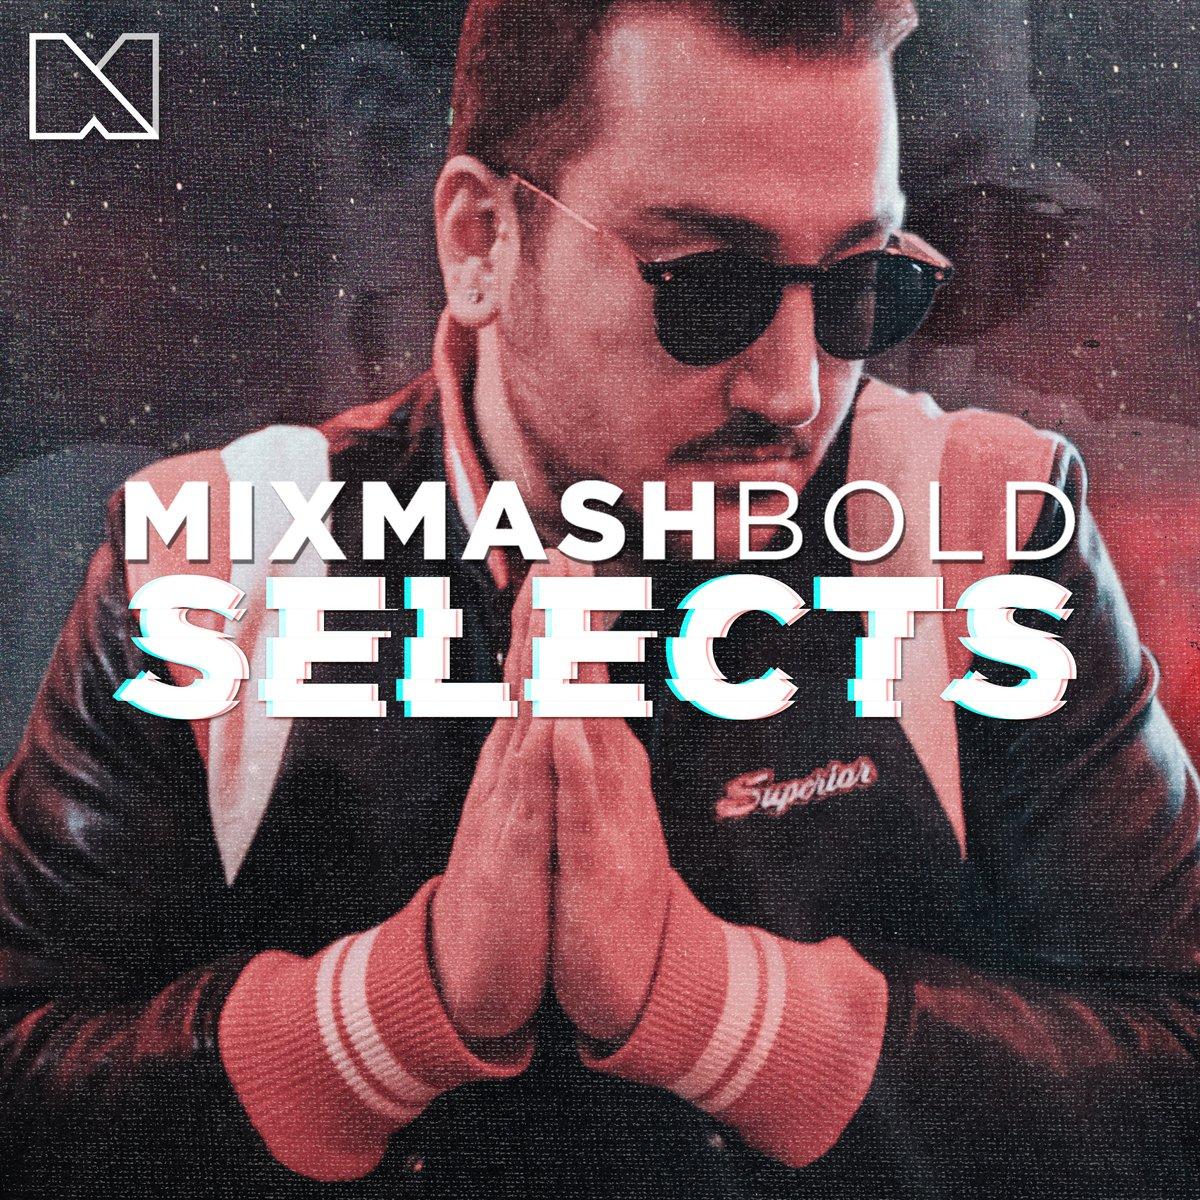 Check out the @MixmashRecords @Spotify playlist takeover spoti.fi/2JuwOyg